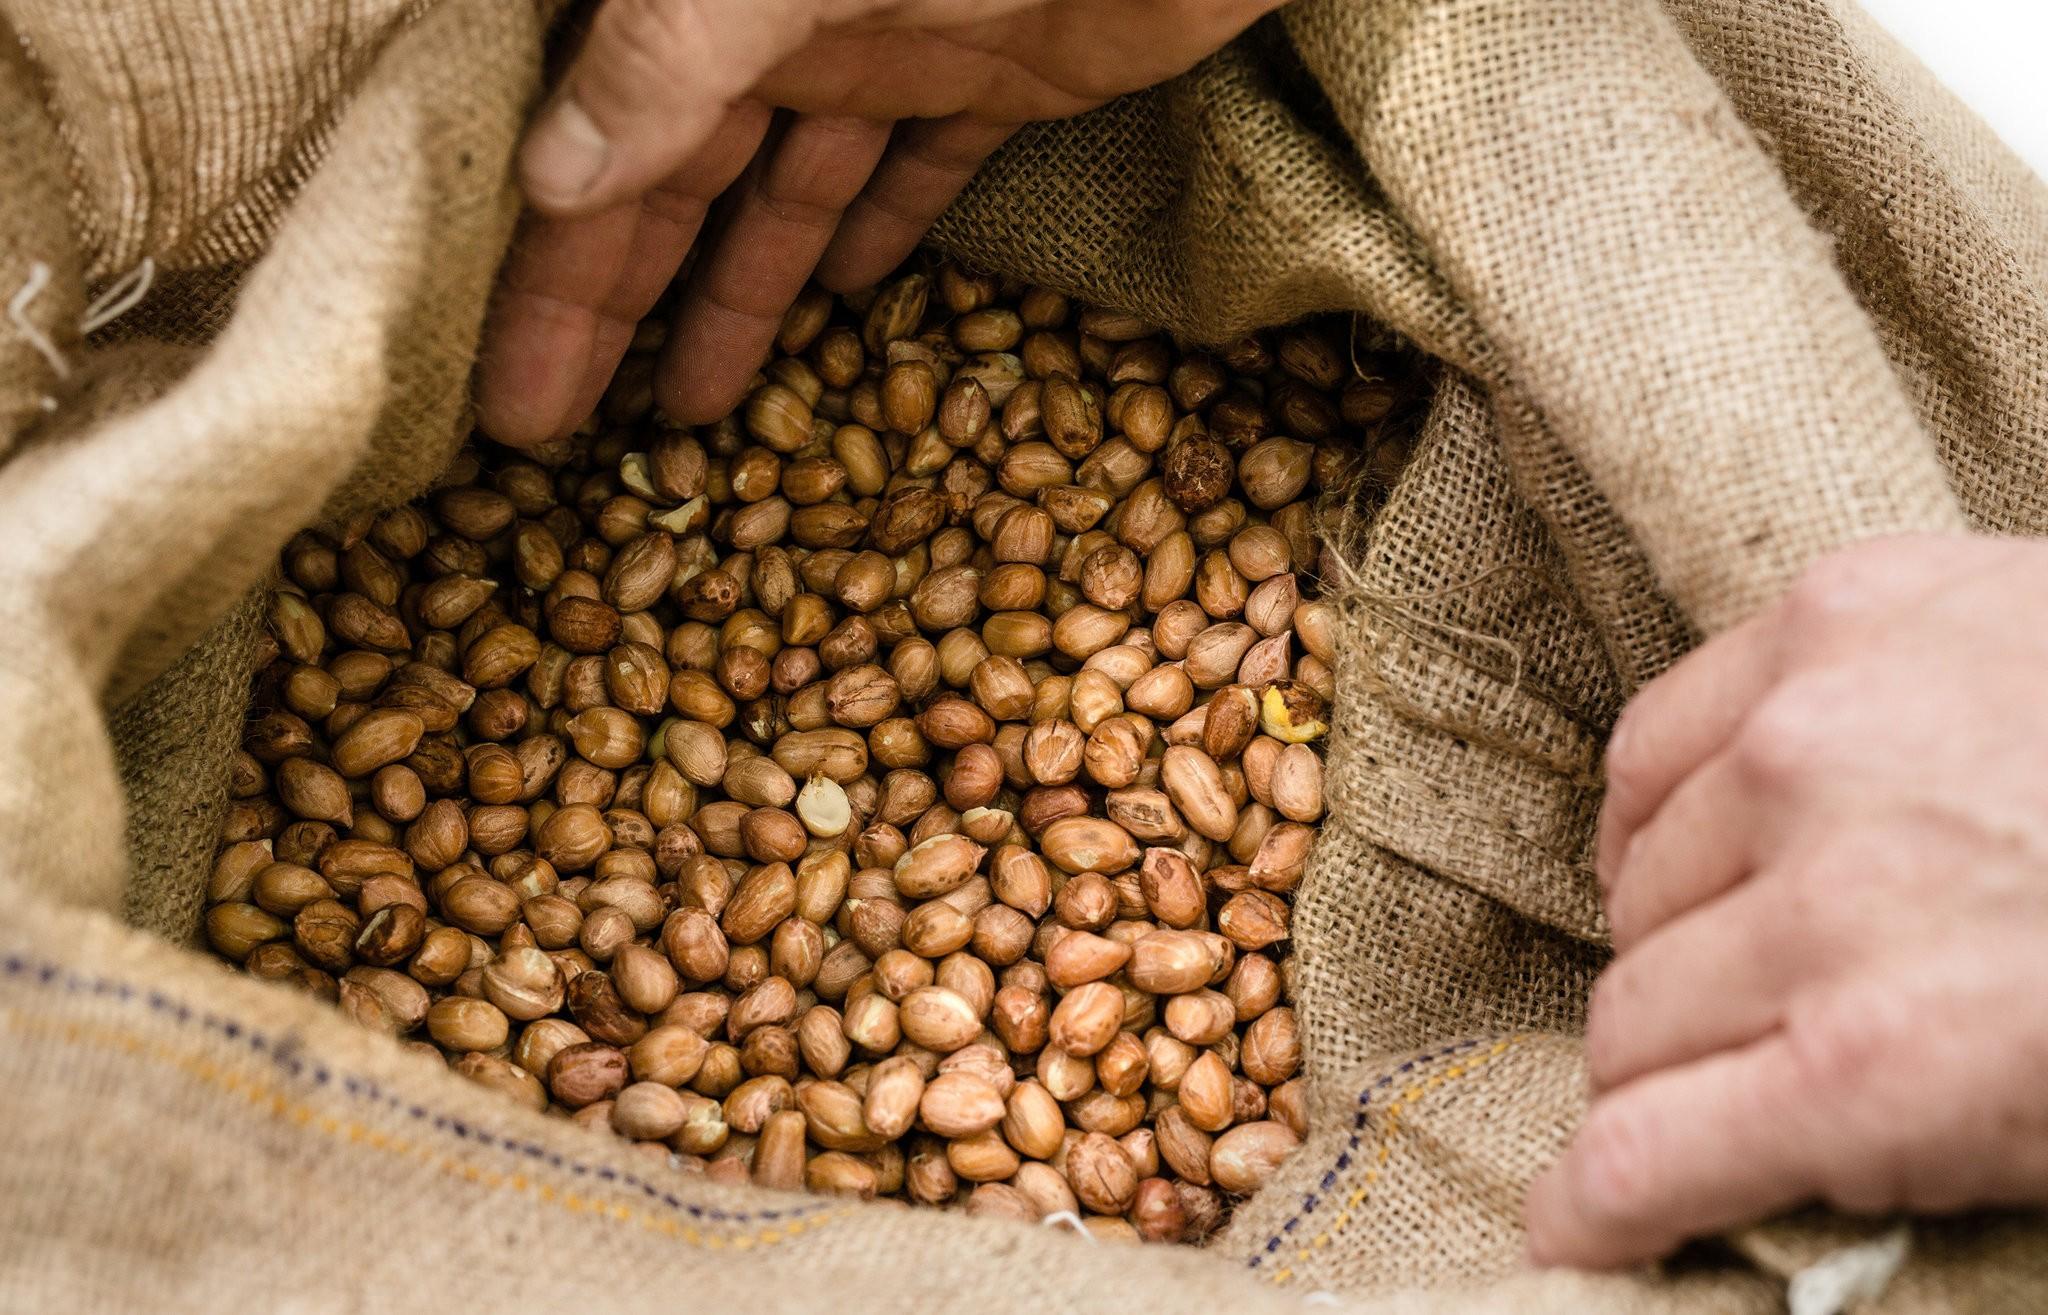 NYT peanuts in bag.jpg